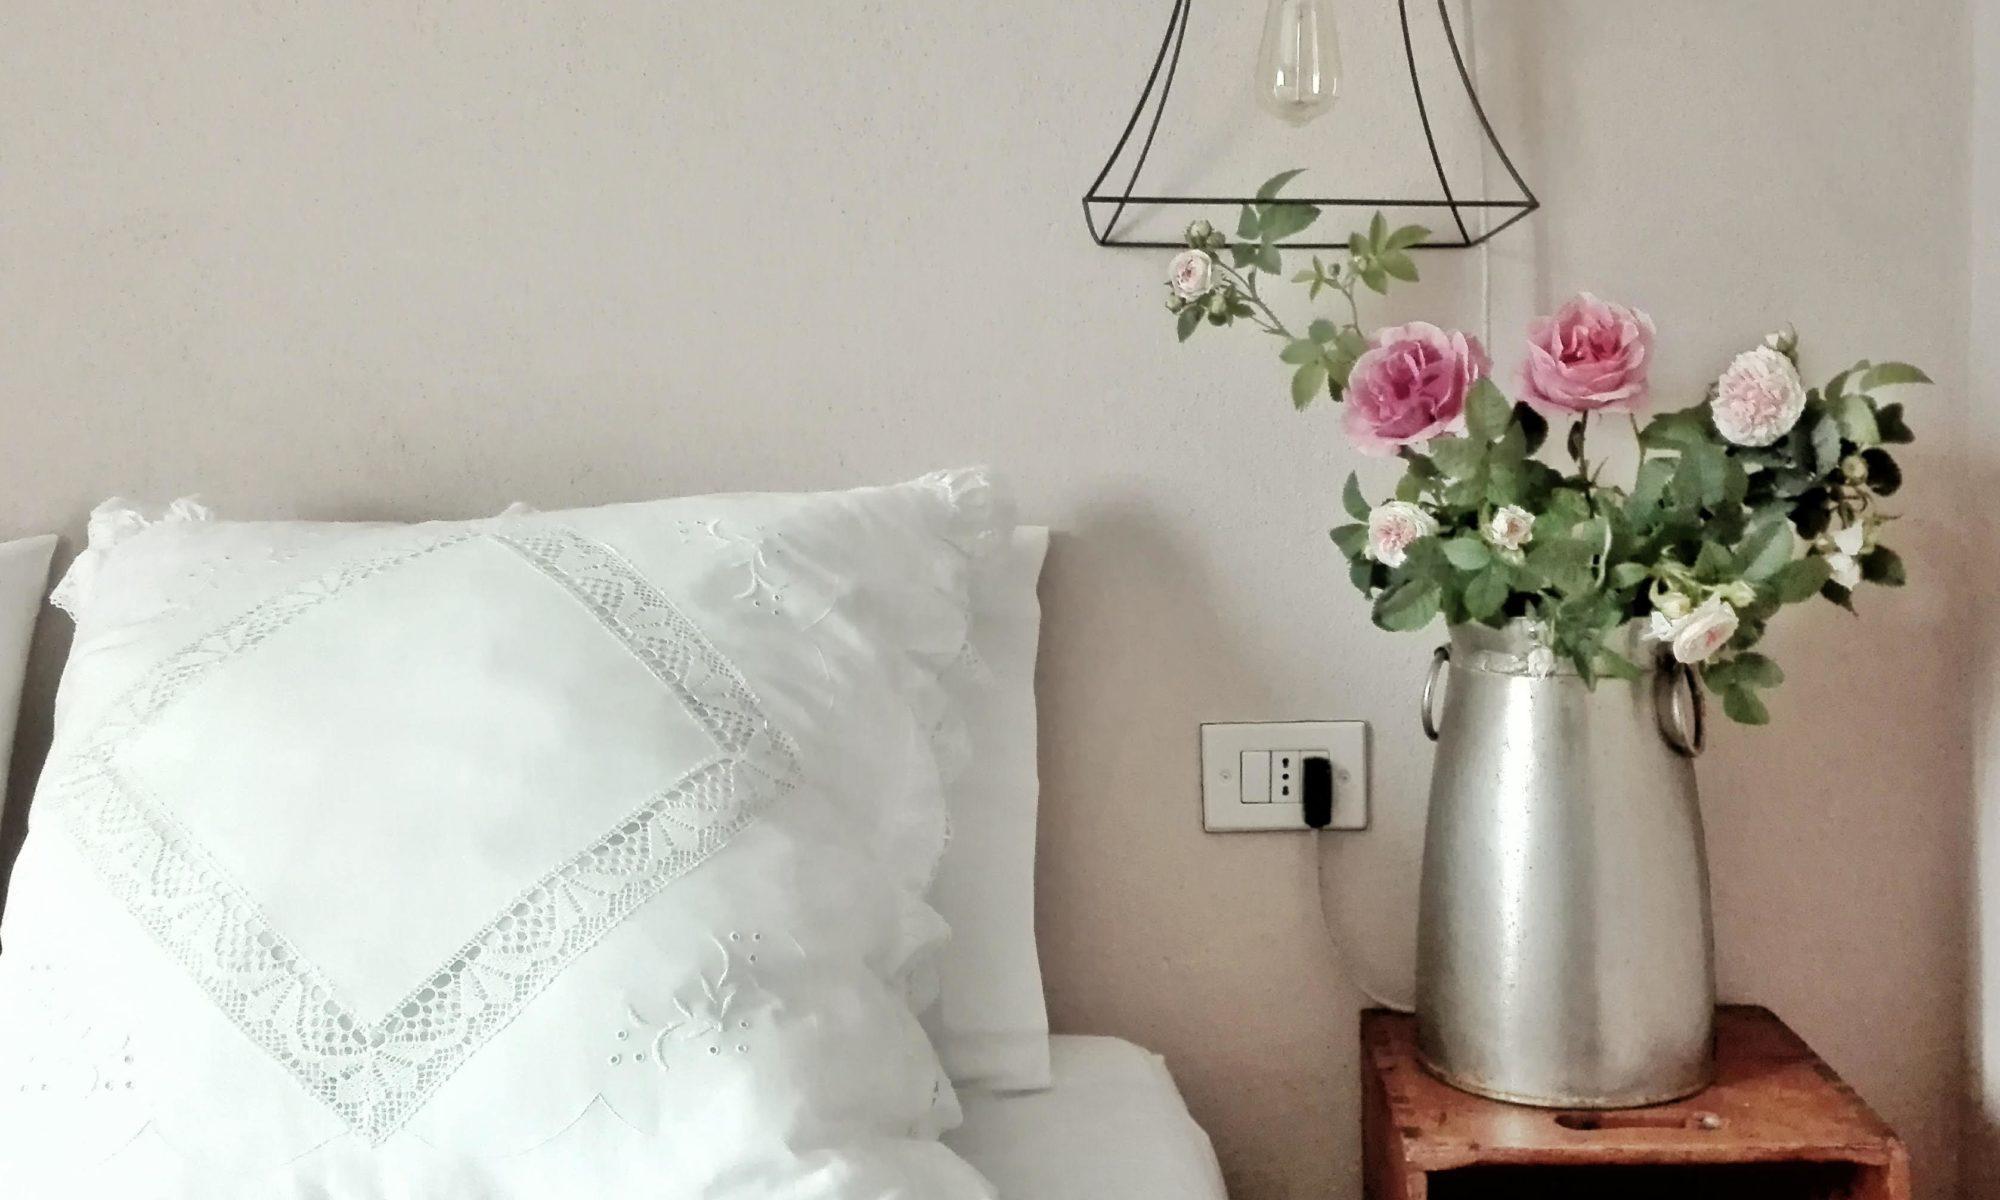 camera con fiori sul comodino